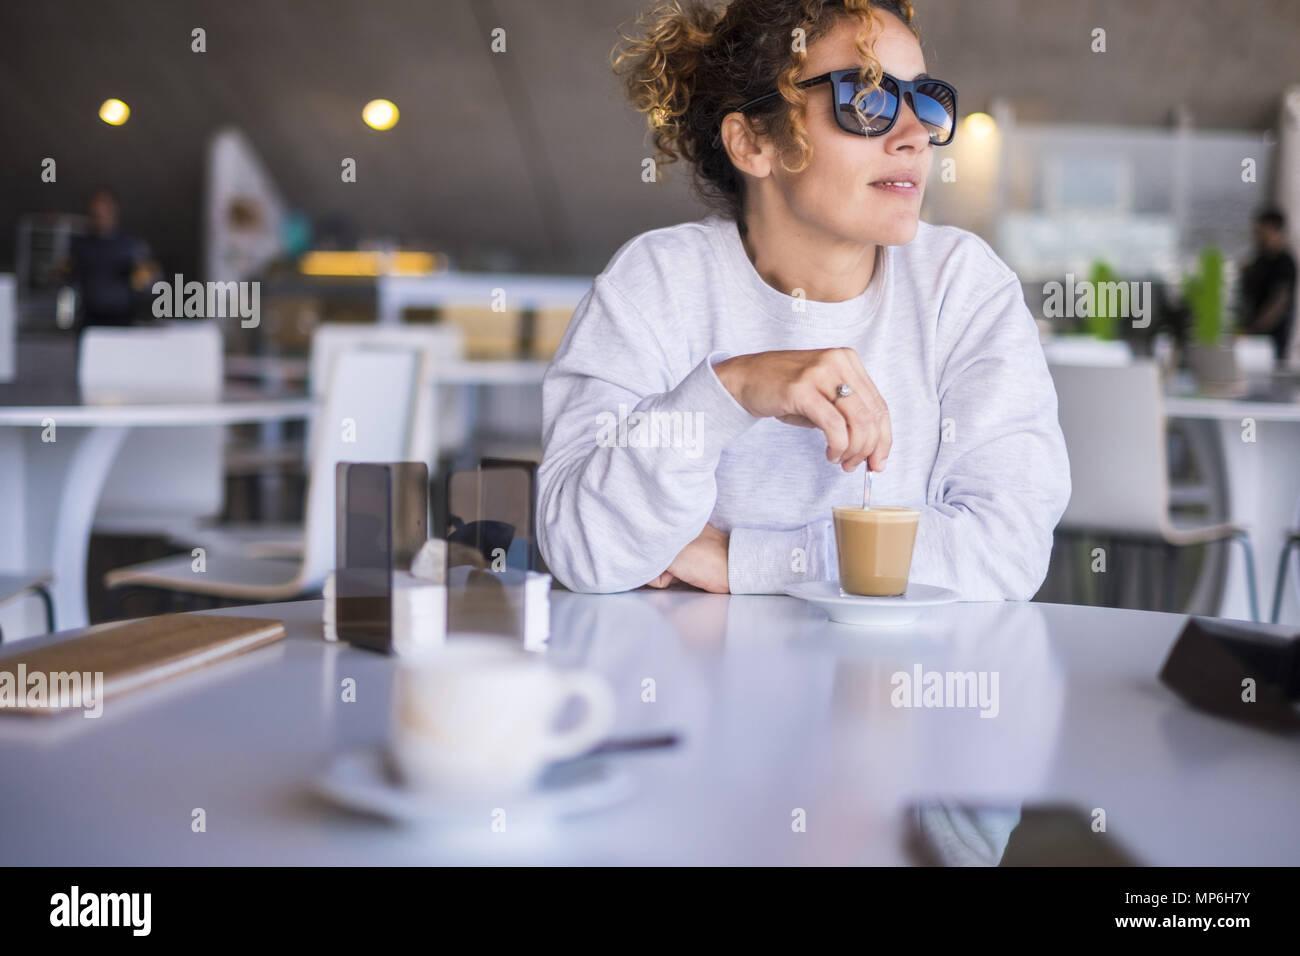 Hermosas Mujeres en Edad media caucásica con gafas de sol y beber un café en un bar. luz exterior desde la ventana de un momento durante el resto de ocio Imagen De Stock